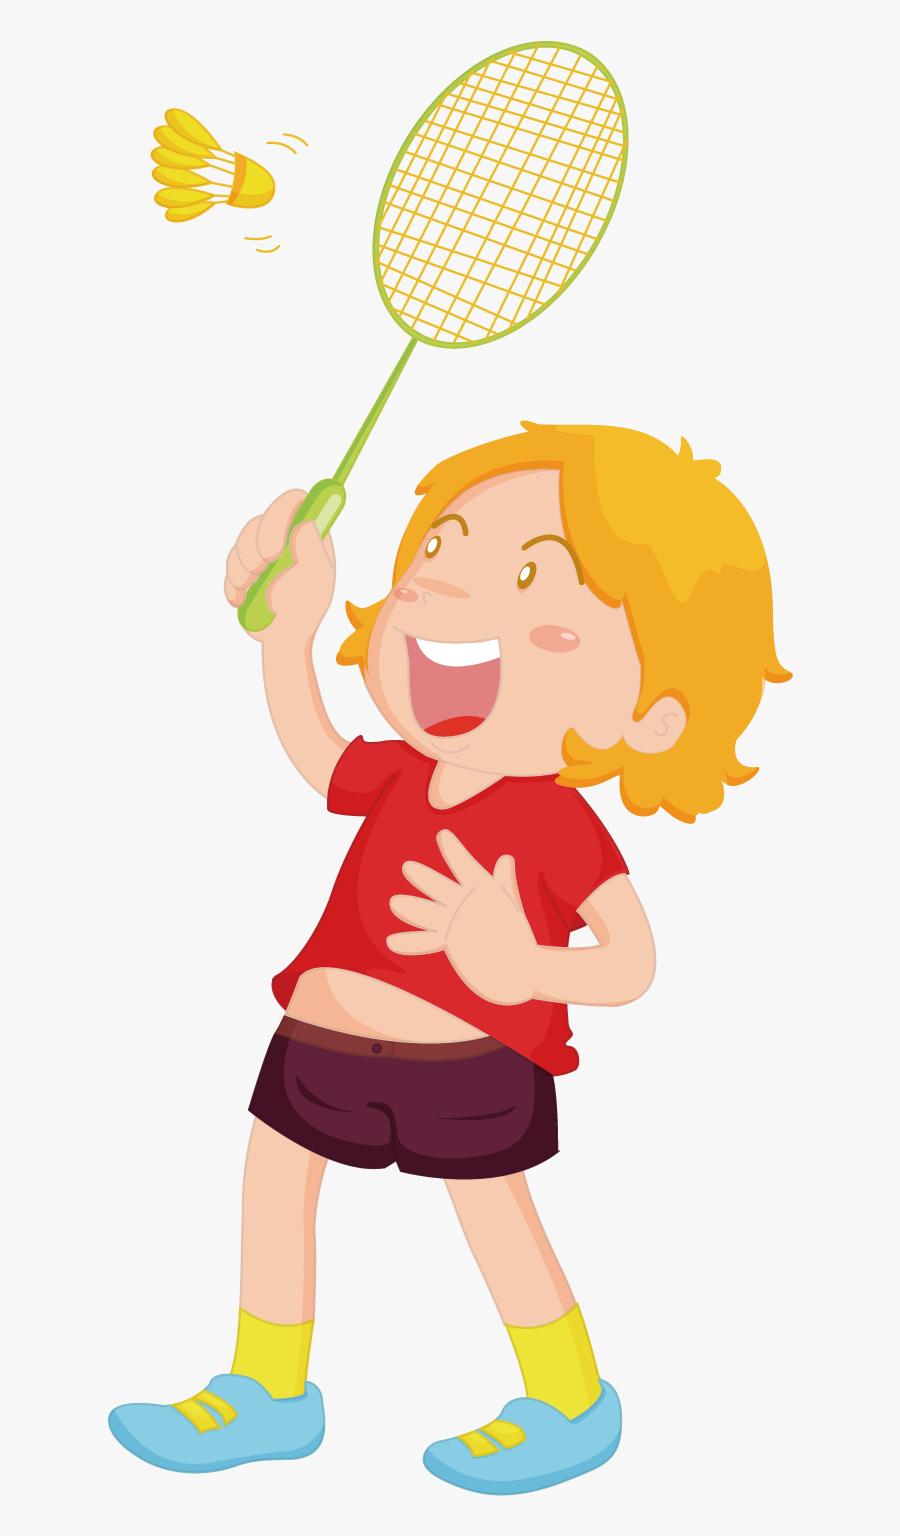 Badminton Clipart Child - Children Playing Badminton, Transparent Clipart